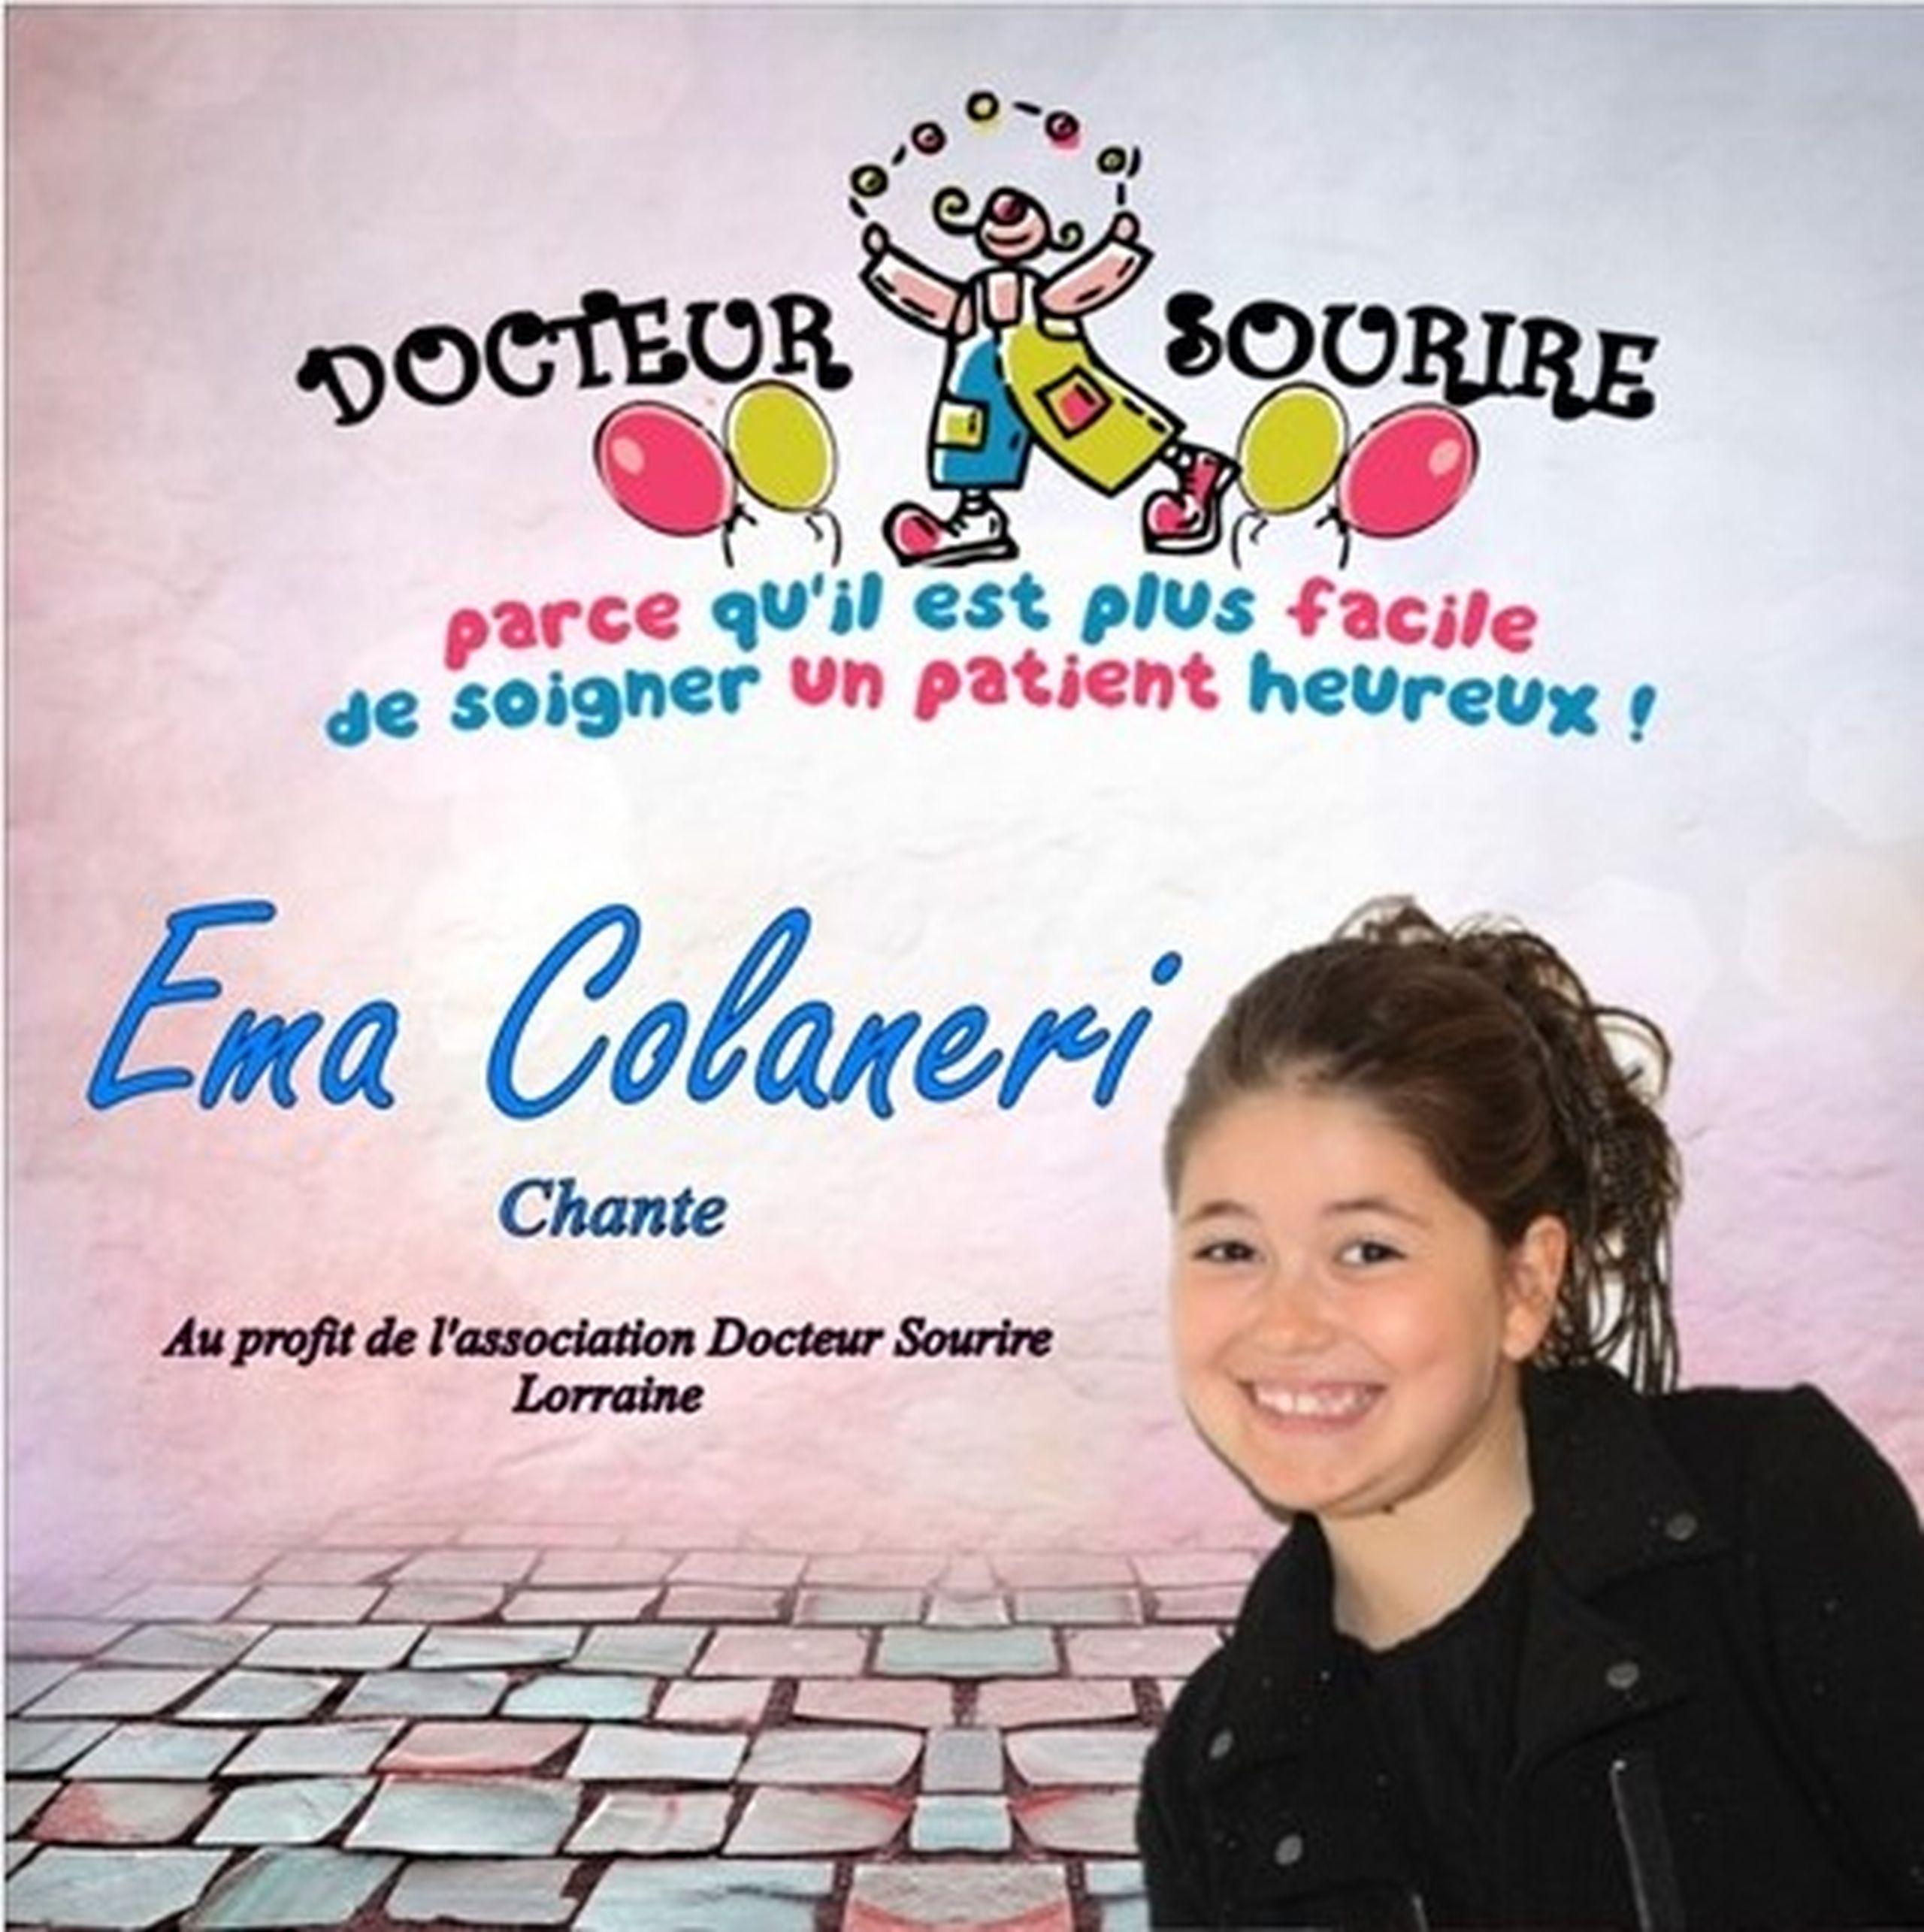 ema colaneri docteur sourire pochette cd